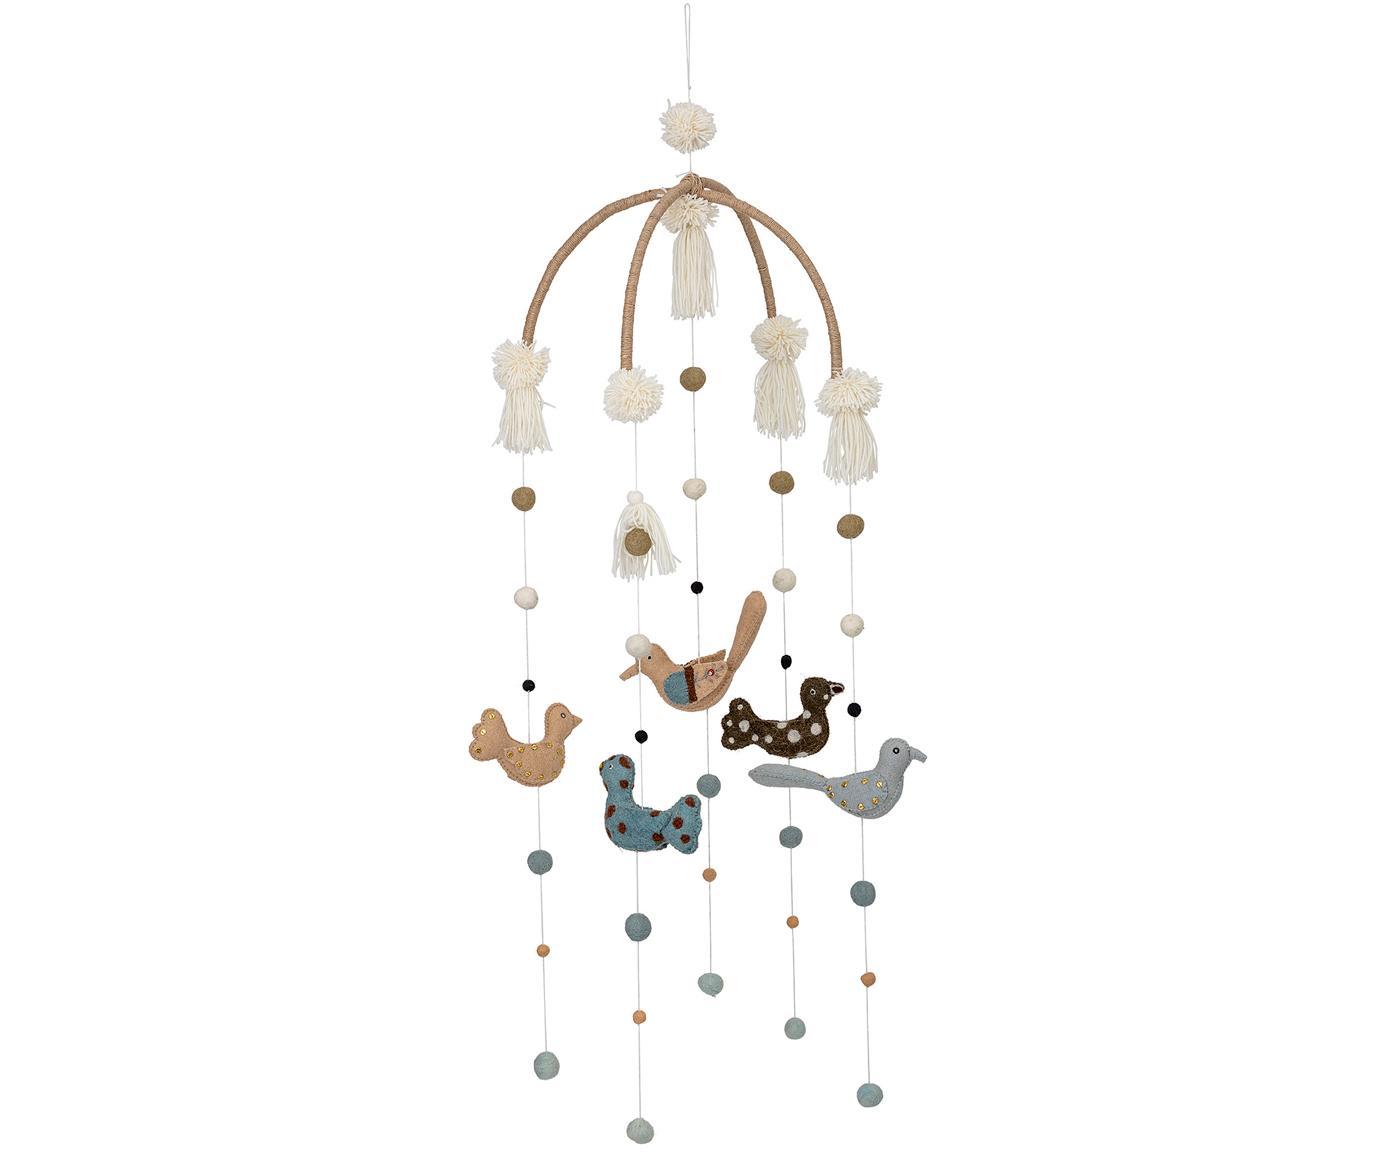 Móvil bebé Birds, Estructura: madera, Tapizado: fieltro de lana, Multicolor, Ø 36 x Al 105 cm